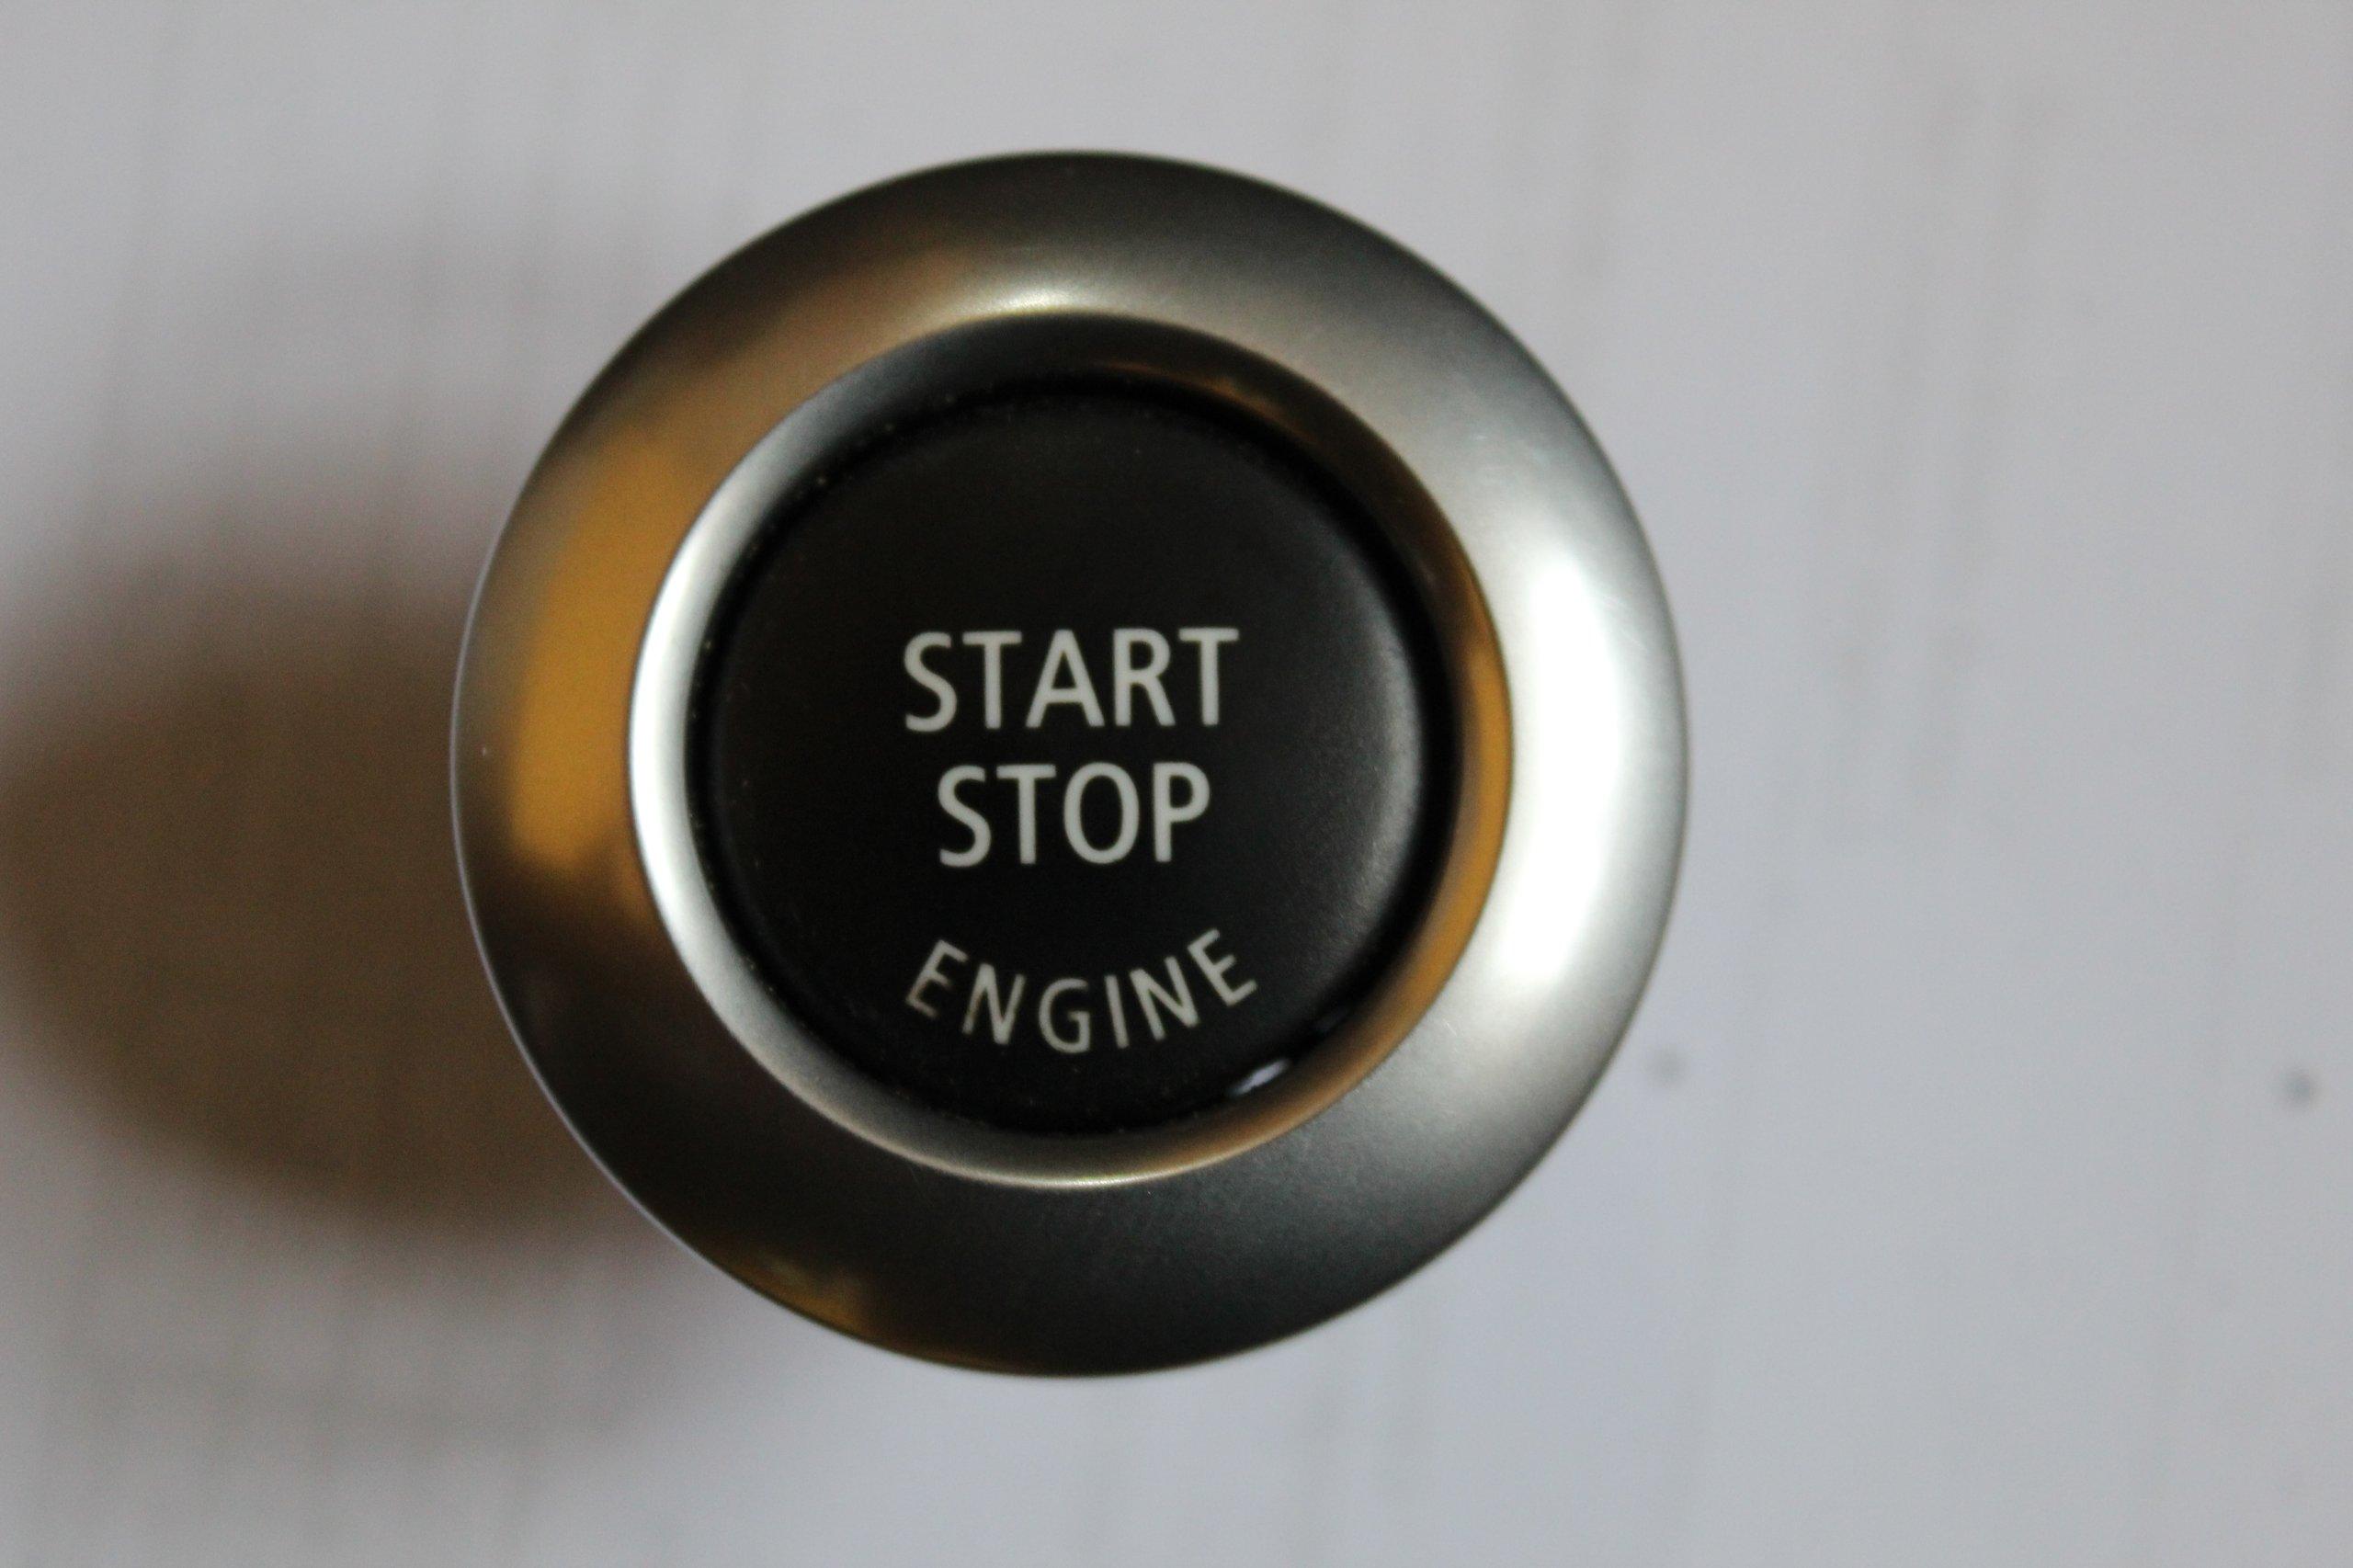 общем, кнопка старт стоп серебристая фото для